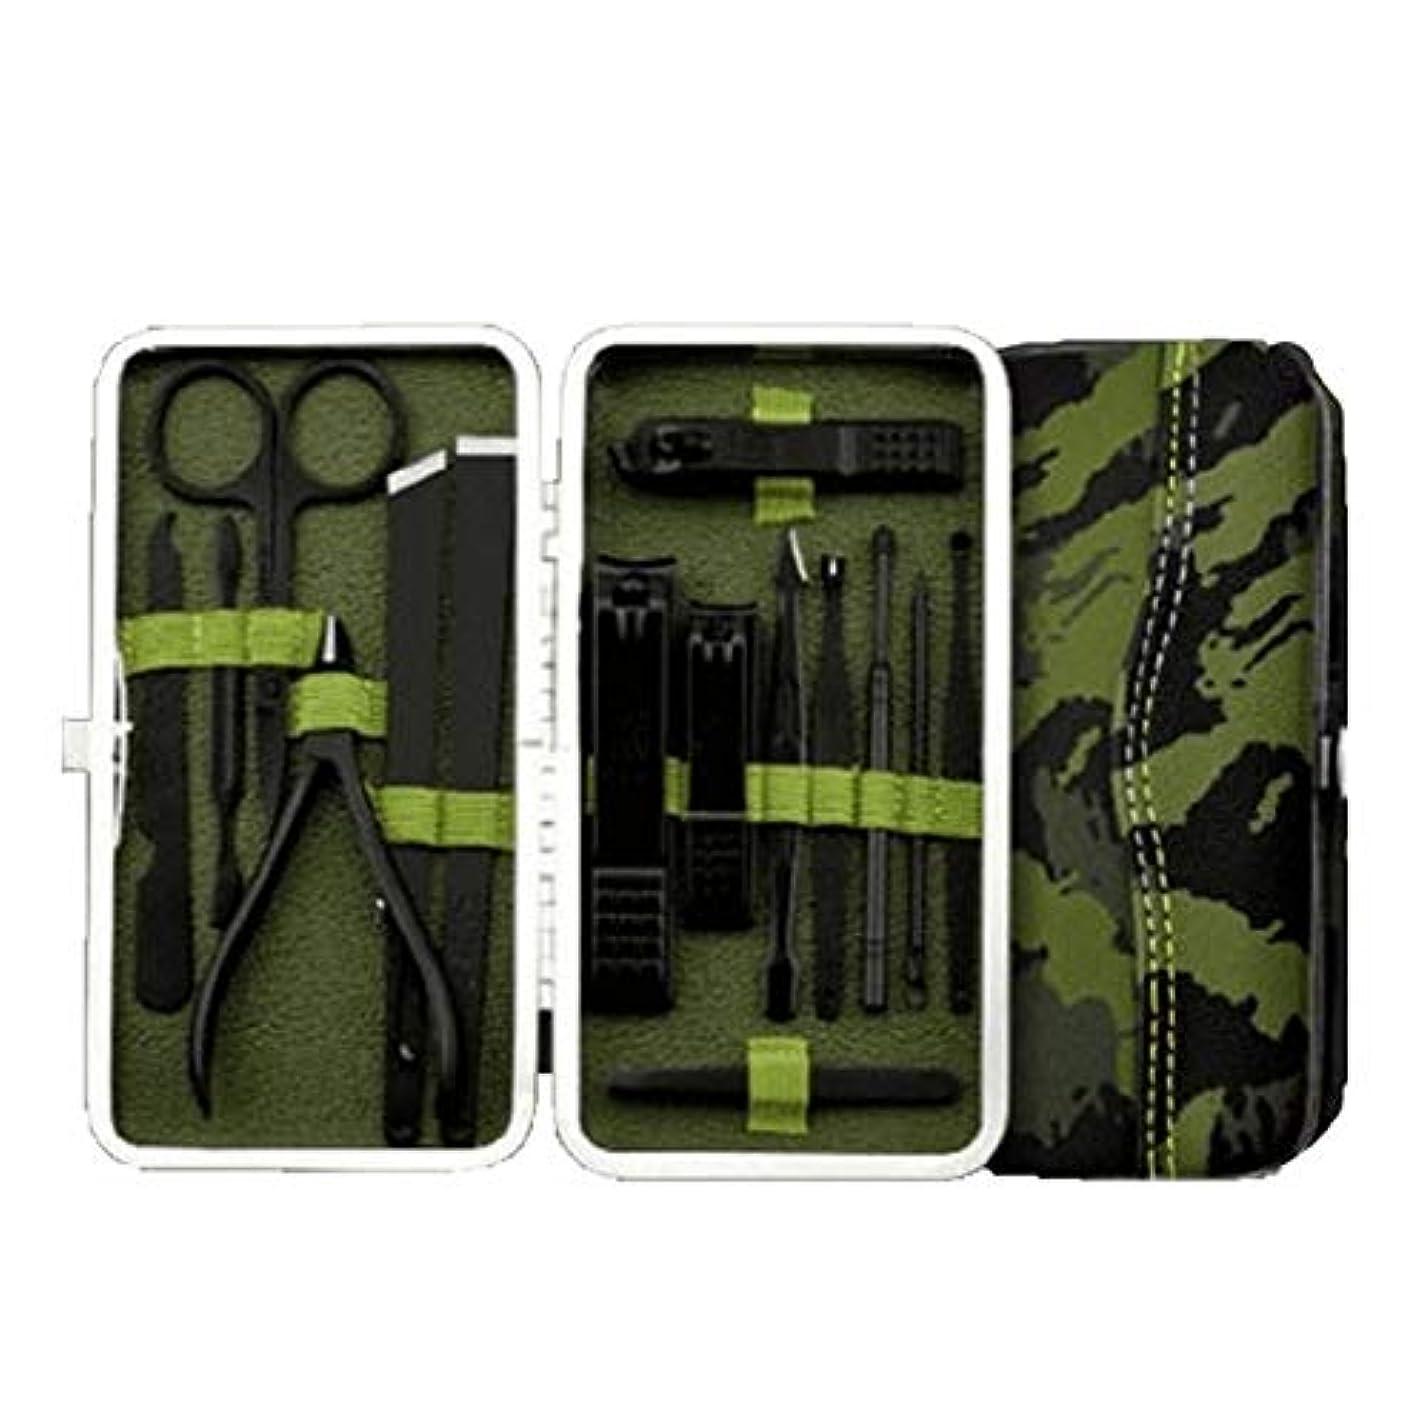 不和テンポ共産主義者ZGSH マニキュアツール、15セットの爪切りセット、ステンレス鋼のマニキュア、 (Color : Green)